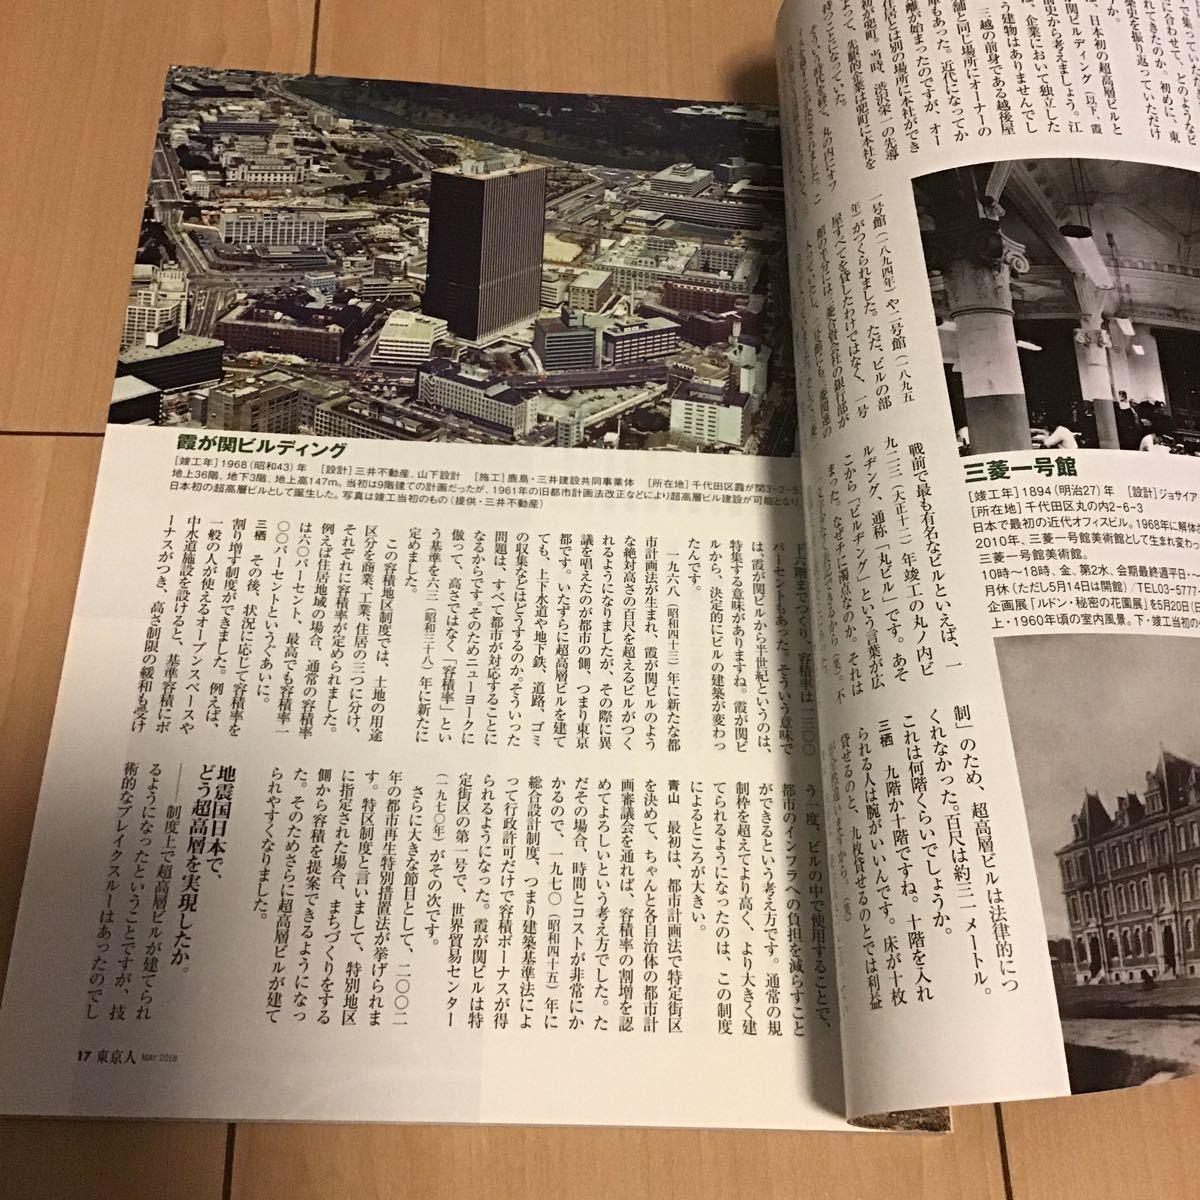 東京人 NO.396 2018年5月号 ビル散歩 1960-1970年代 レトロから超高層まで / 都市をつくるビル10選_画像9